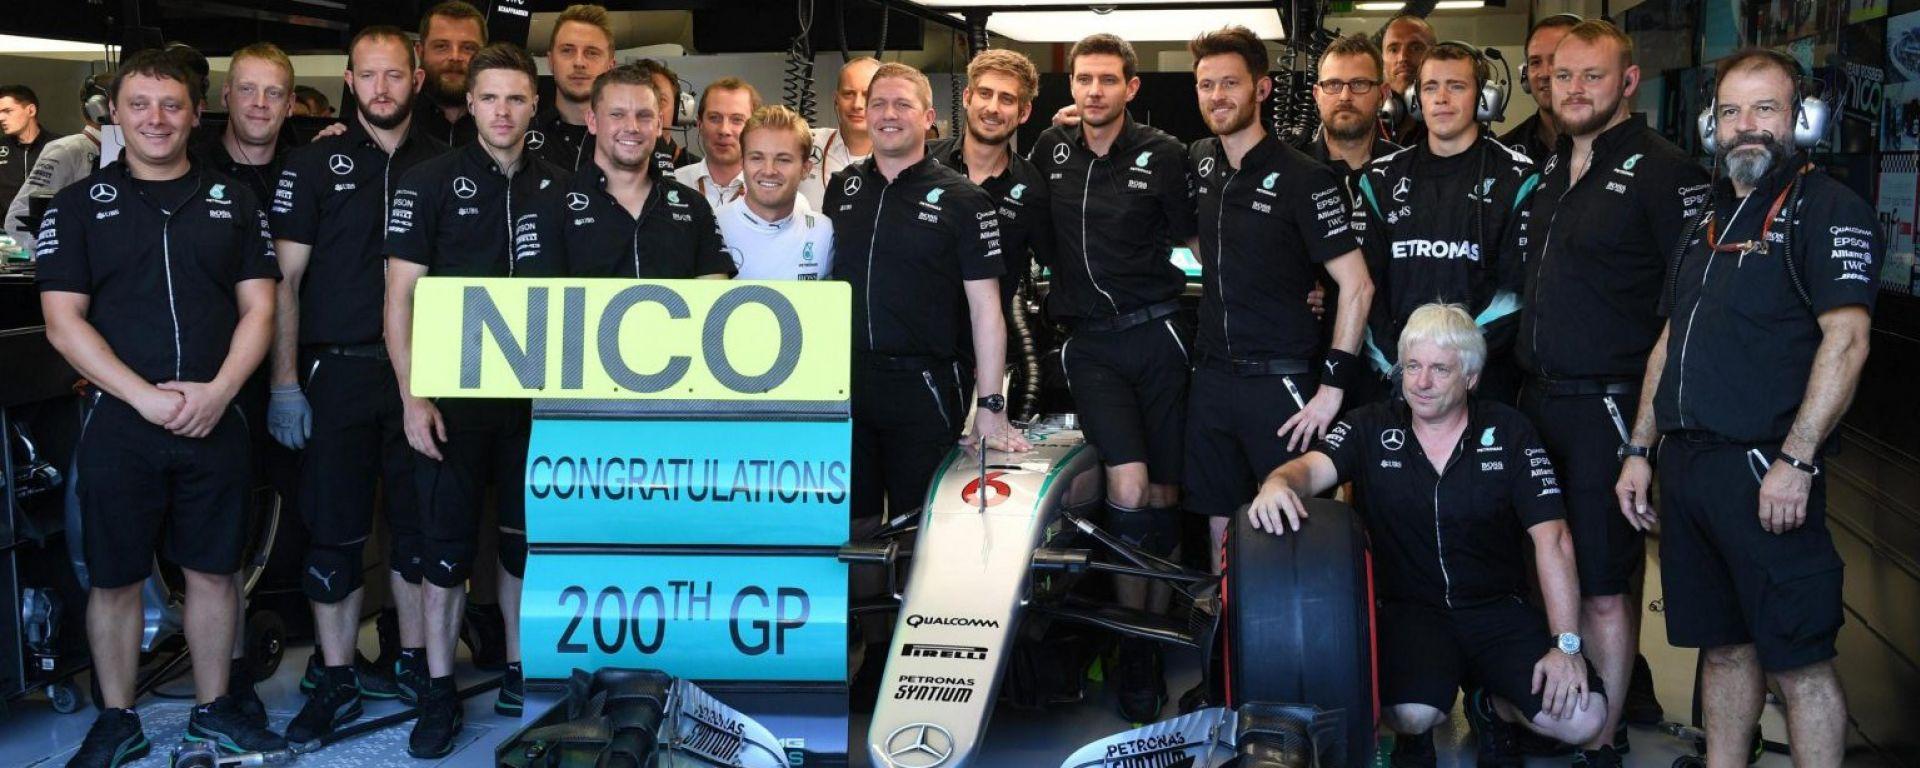 Nico Rosberg - F1 GP Singapore